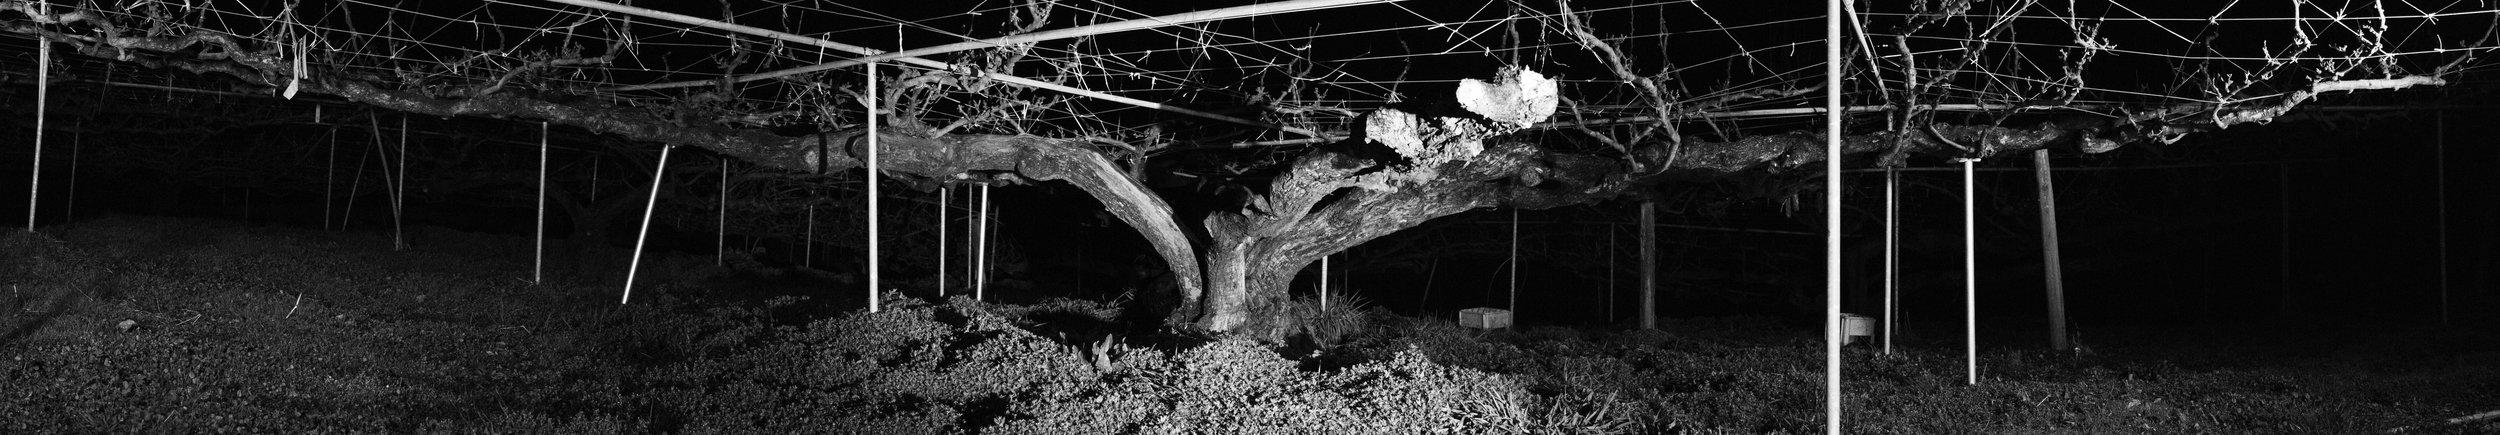 <百年梨樹> A Hundred Year Pear Tree.  噴墨印刷/描圖紙/地燈/煙霧  Inkjet Print / Tracing Paper/Floor Light/ Fog